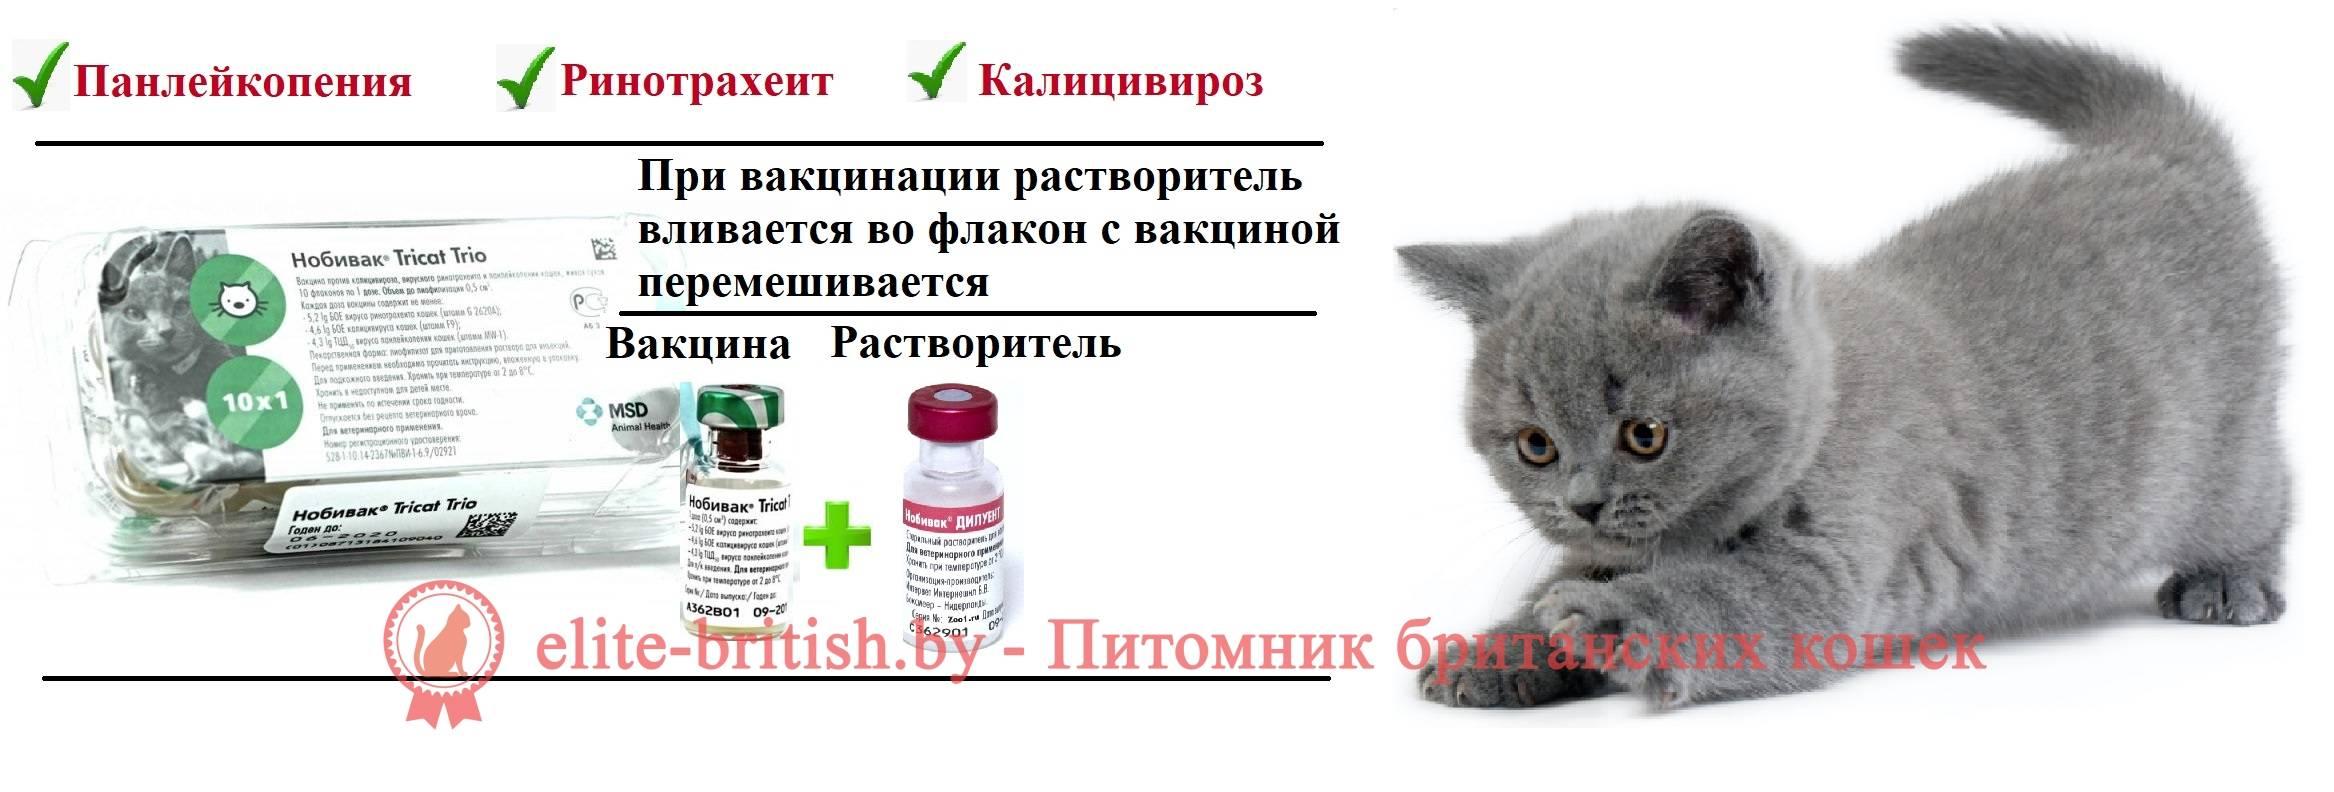 Когда нужно делать прививки котятам. особенности и нюансы вакцинации